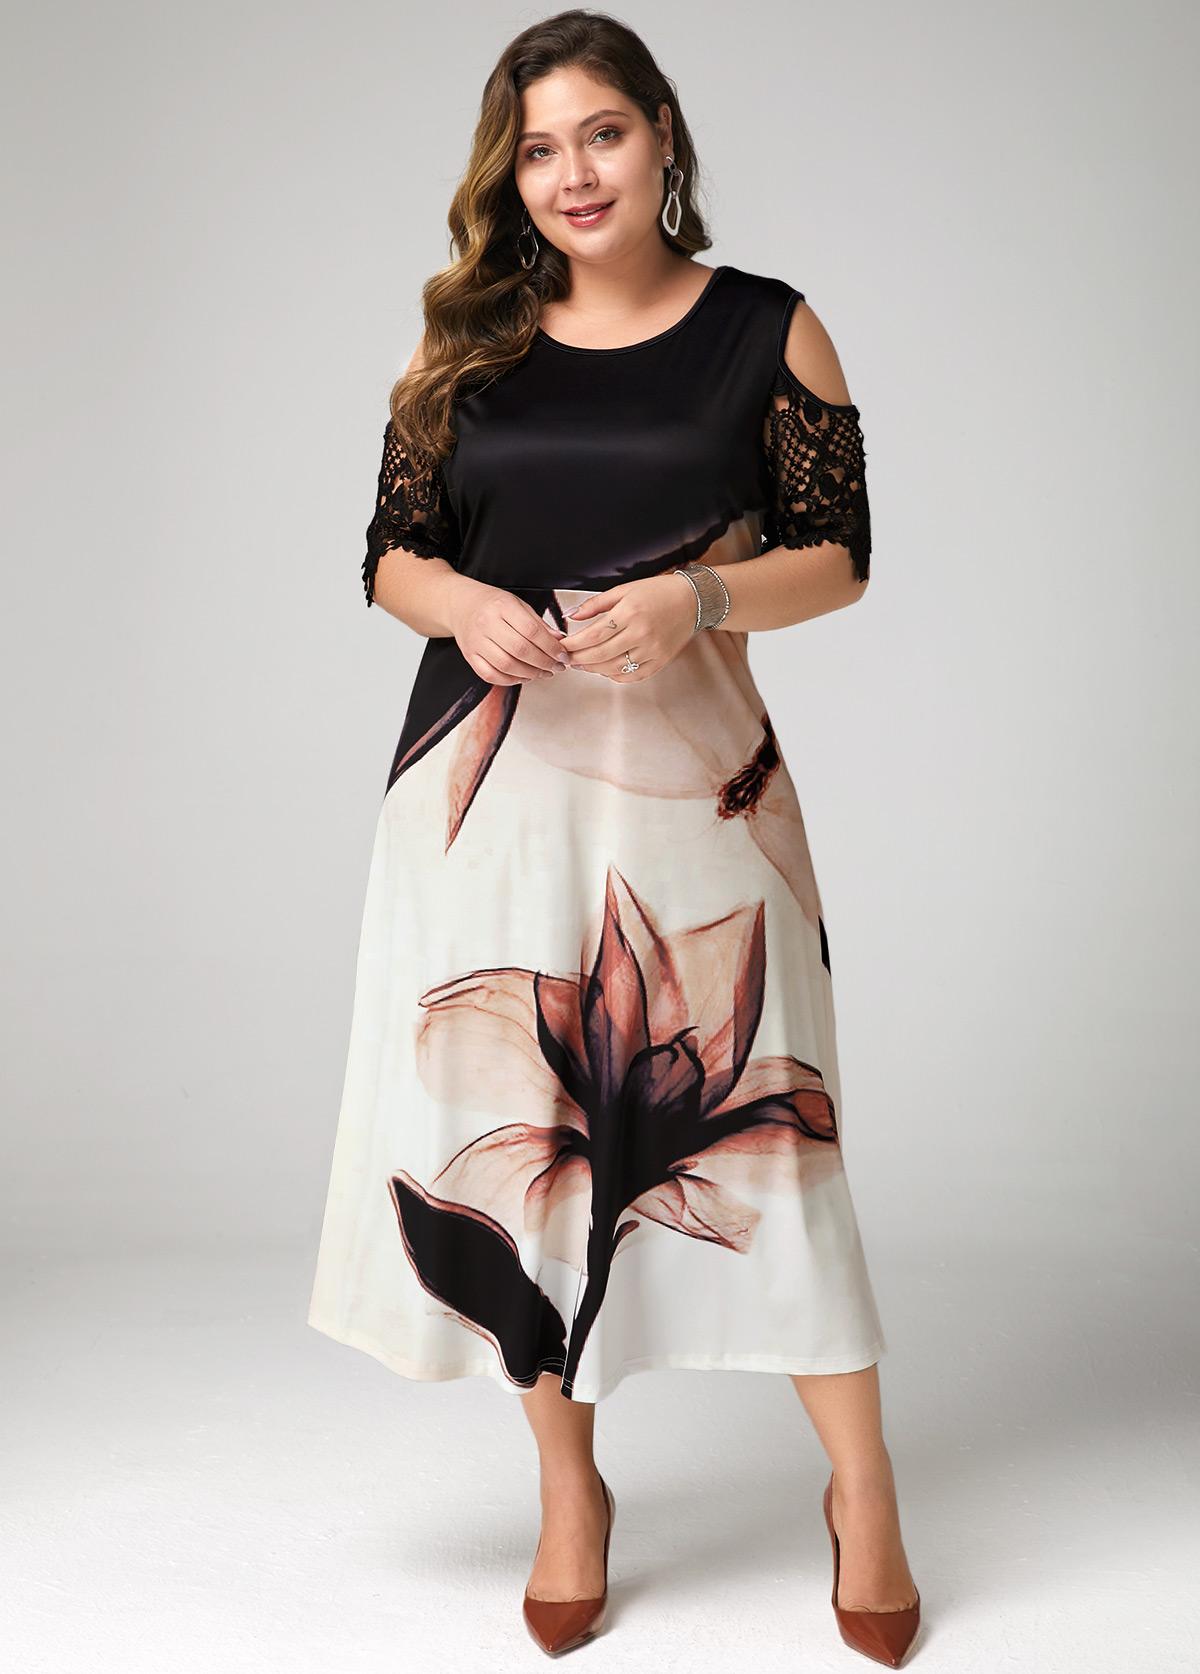 Lotus Print Lace Panel Cold Shoulder Plus Size Dress